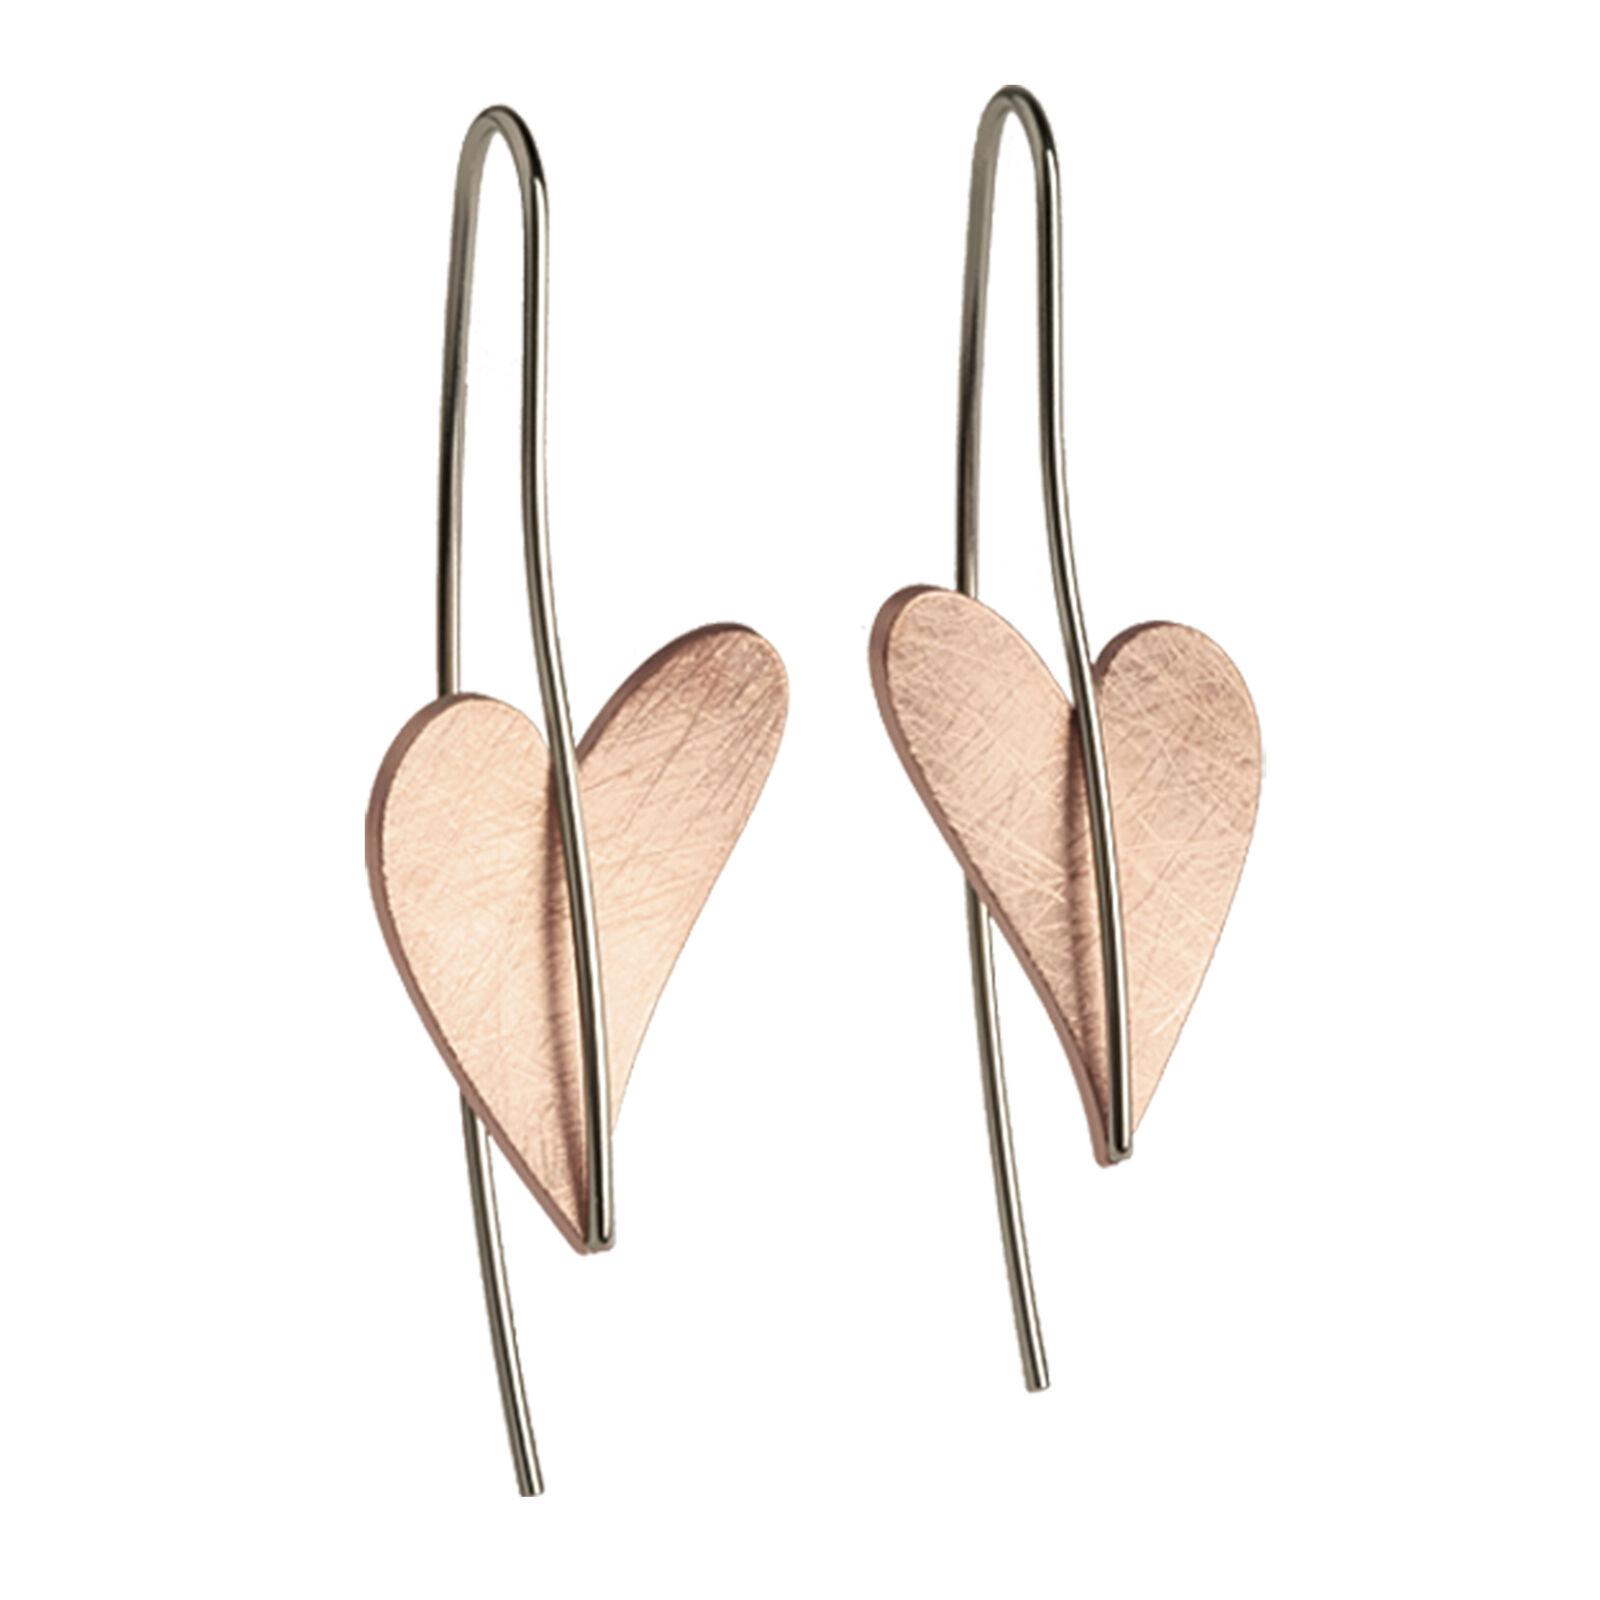 Ernstes Design Earrings E243 Heart Made of Stainless Steel gold Plated Hanger